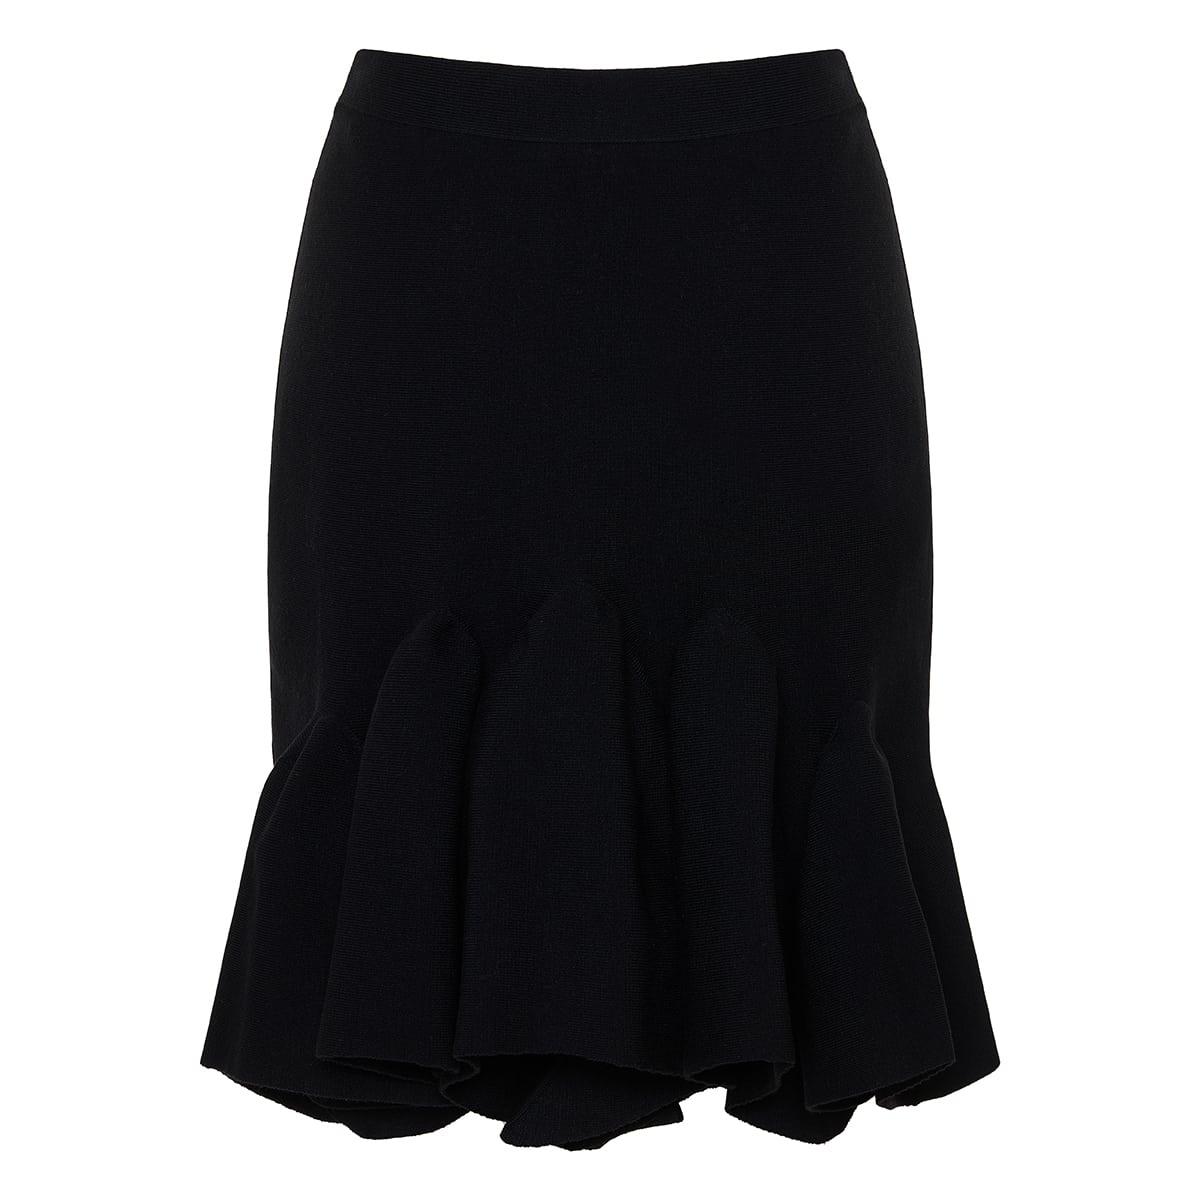 Wool knit mini skirt